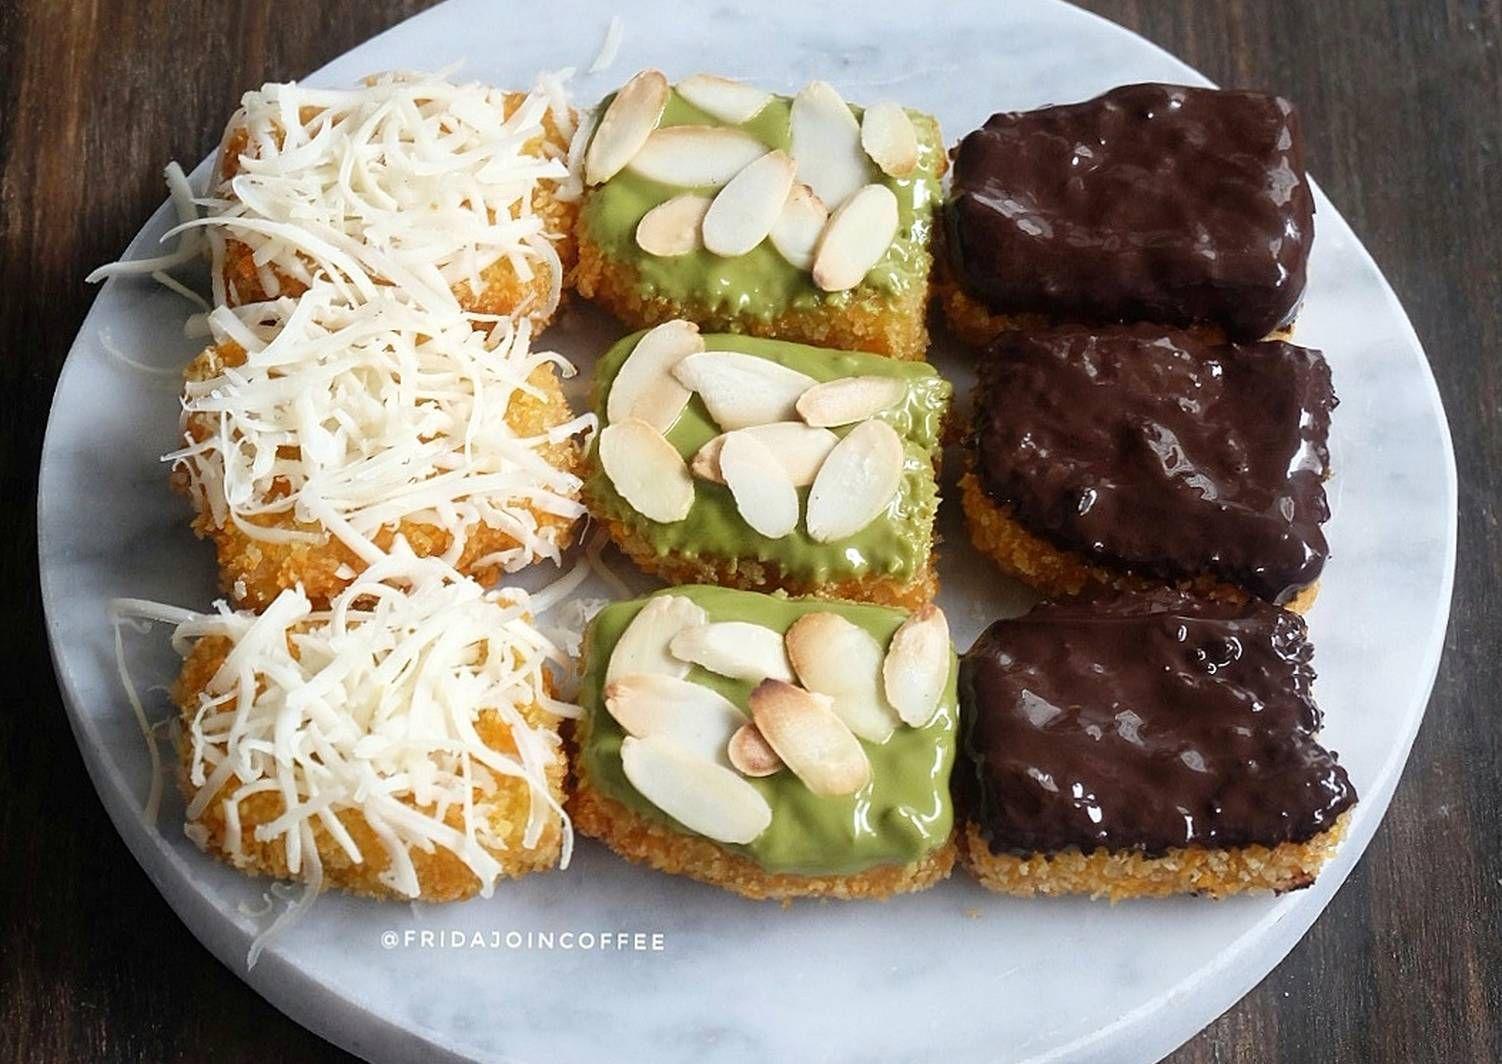 Resep Nugget Pisang Oleh Fridajoincoffee Resep Resep Makanan Makanan Dan Minuman